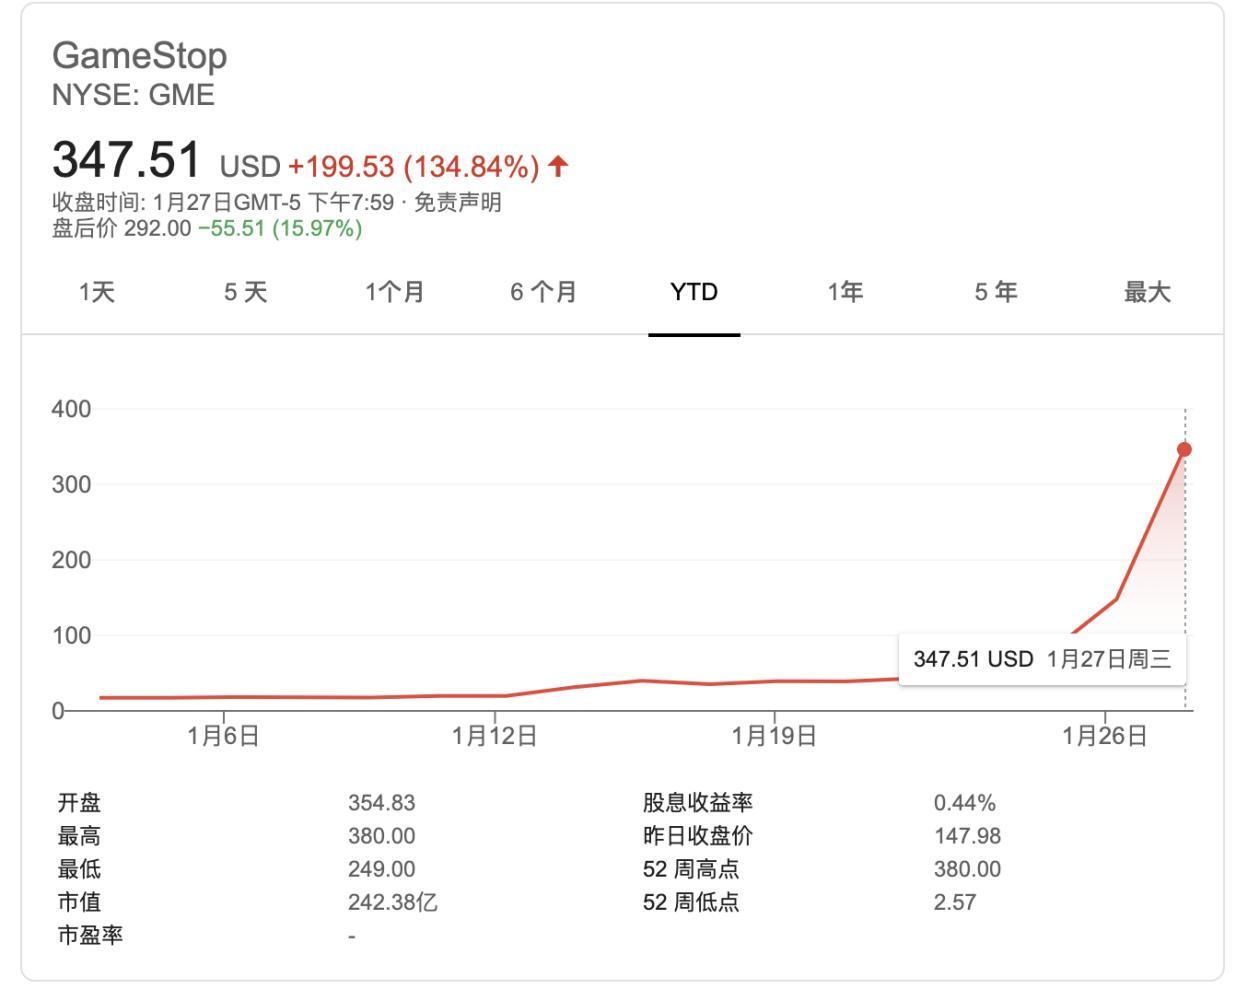 全明星投资人警告:散户投资者正陷入投机泡沫 将付出巨大代价